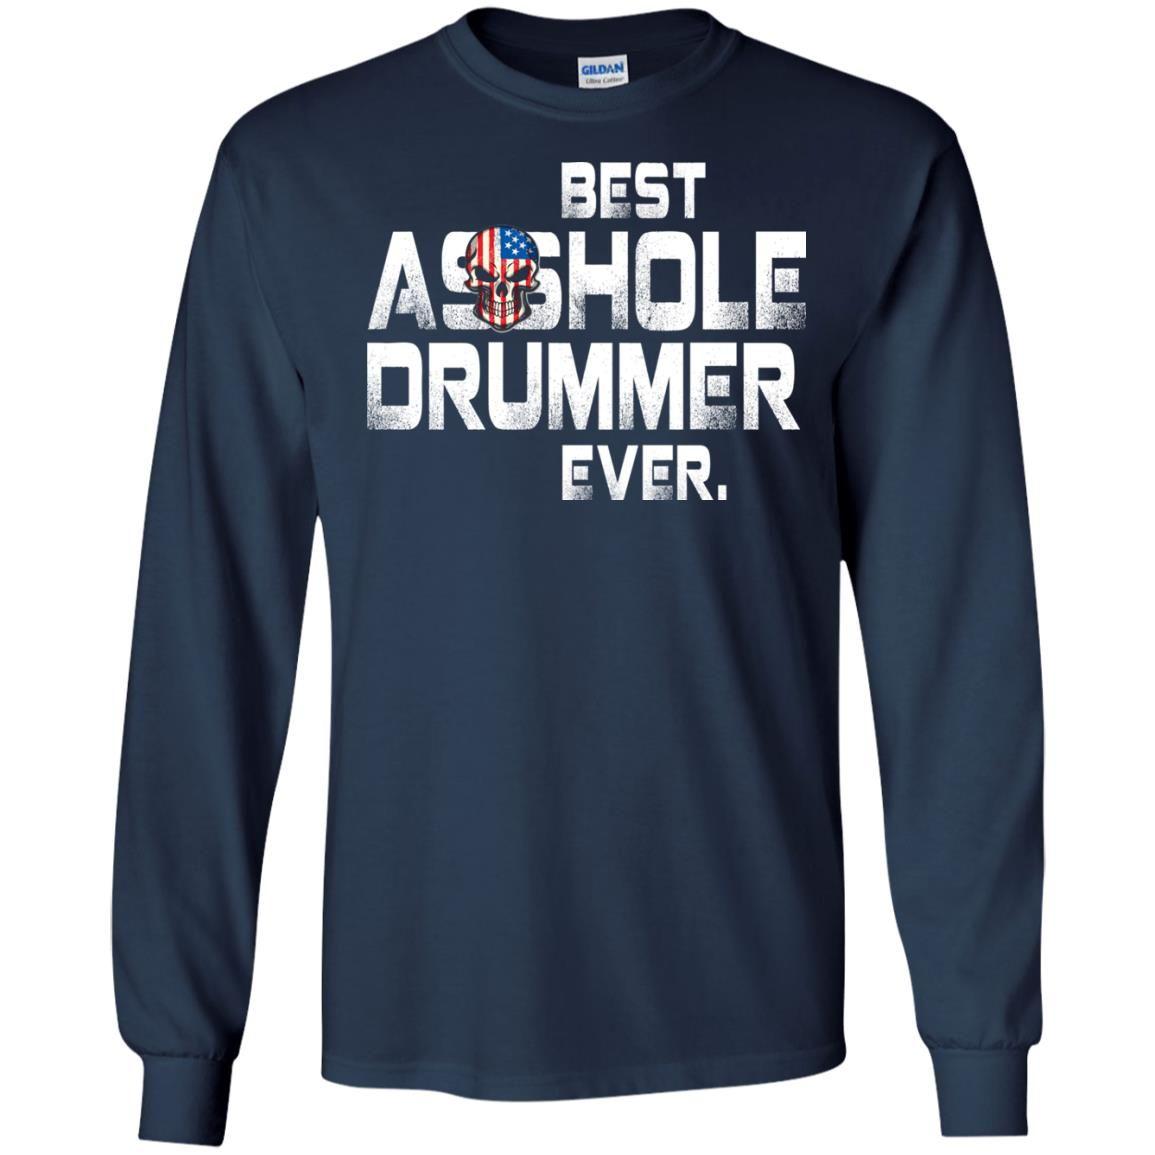 image 1639 - Best Asshole Drummer Ever shirt, sweater, tank top